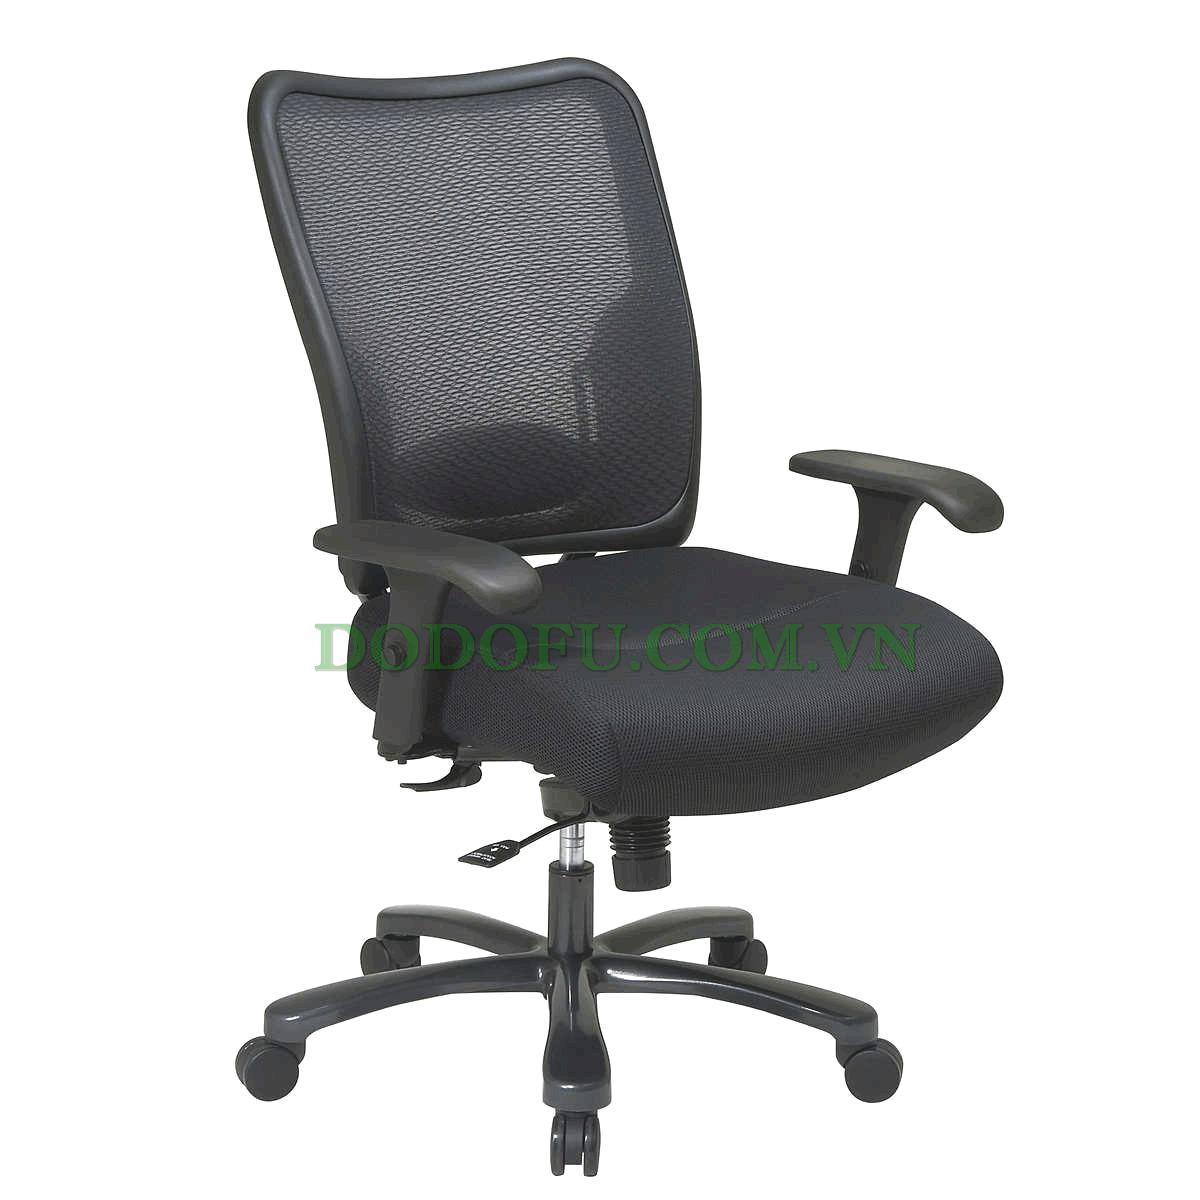 ghế văn phòng giá rẻ tại Dodofu